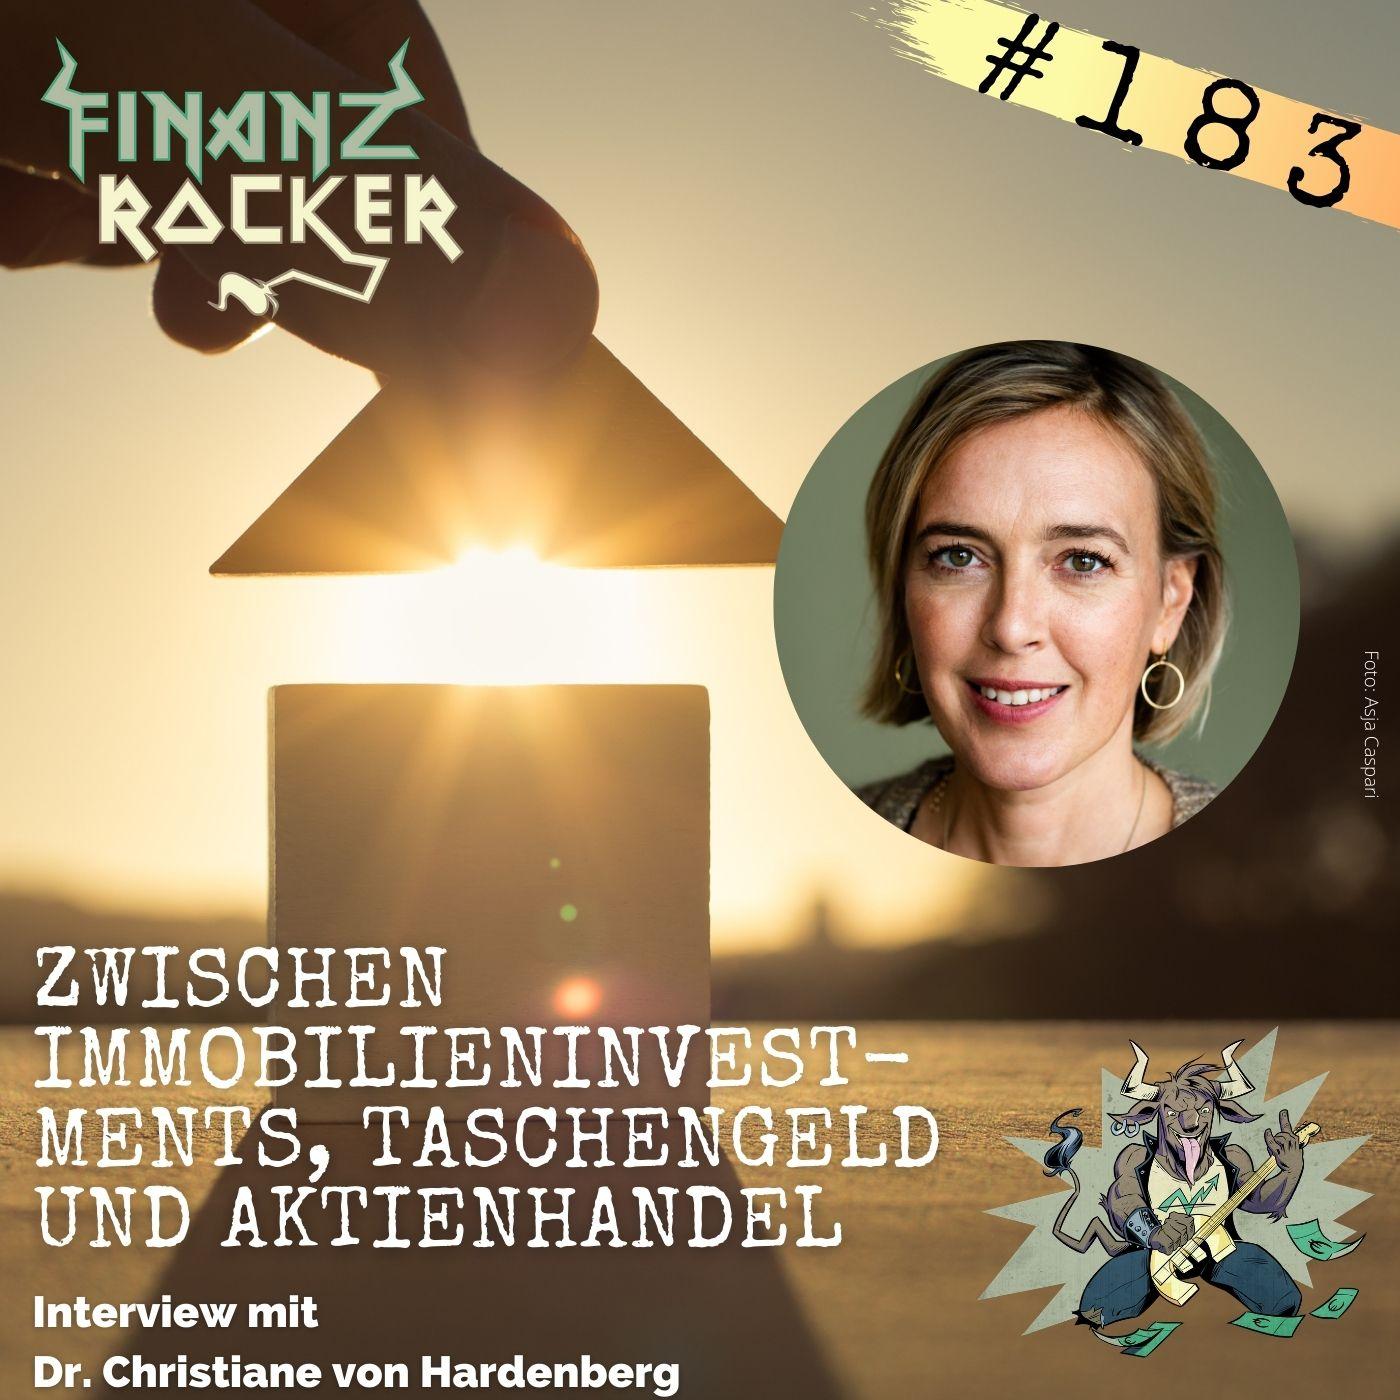 Folge 183: Zwischen Immobilieninvestments, Taschengeld und Aktienhandel - Interview mit Dr. Christiane von Hardenberg